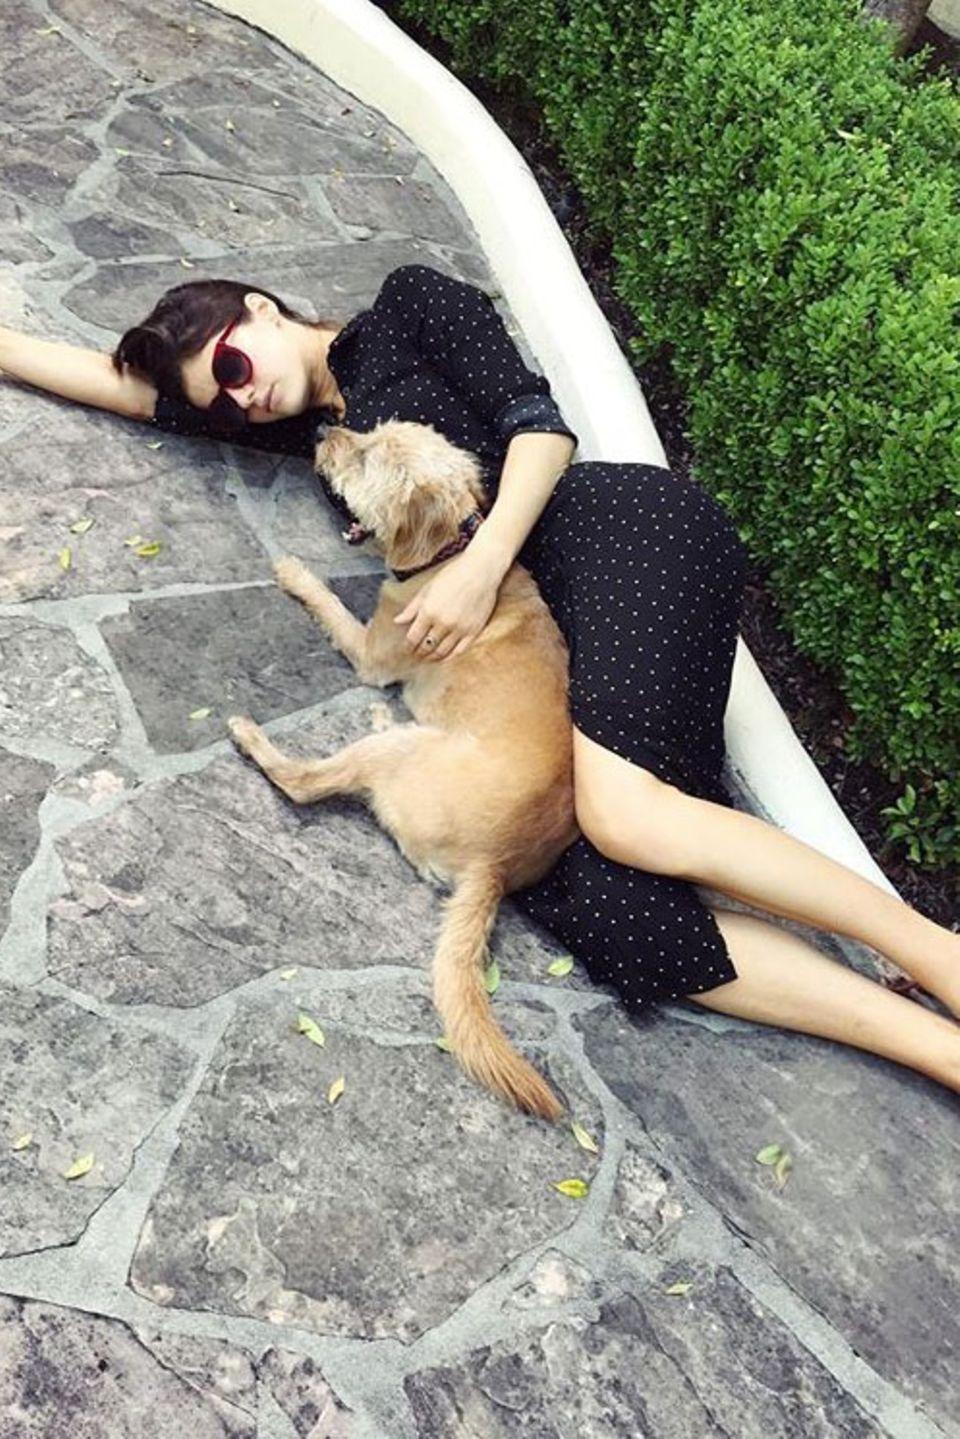 Schauspielerin Alexandra Daddario und ihr Vierbeiner nehmen sich eine kleine Auszeit.